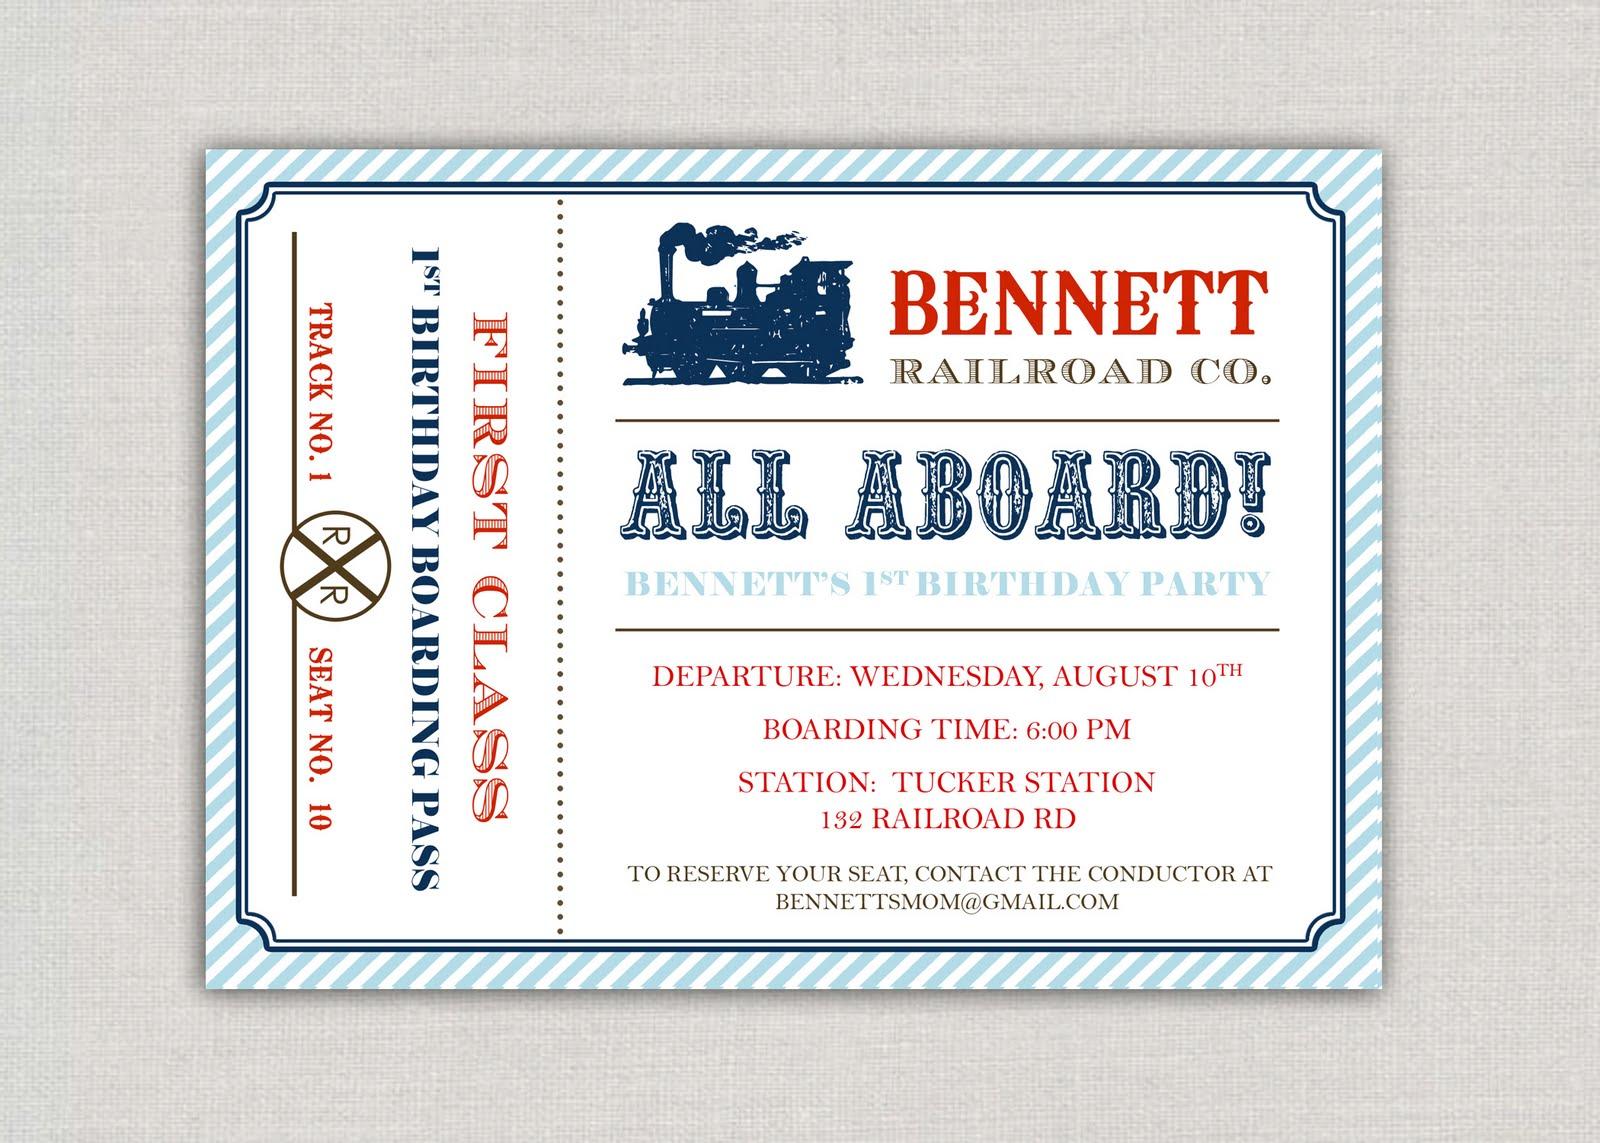 Train Ticket Invitation Template Free Train Ticket Invitation